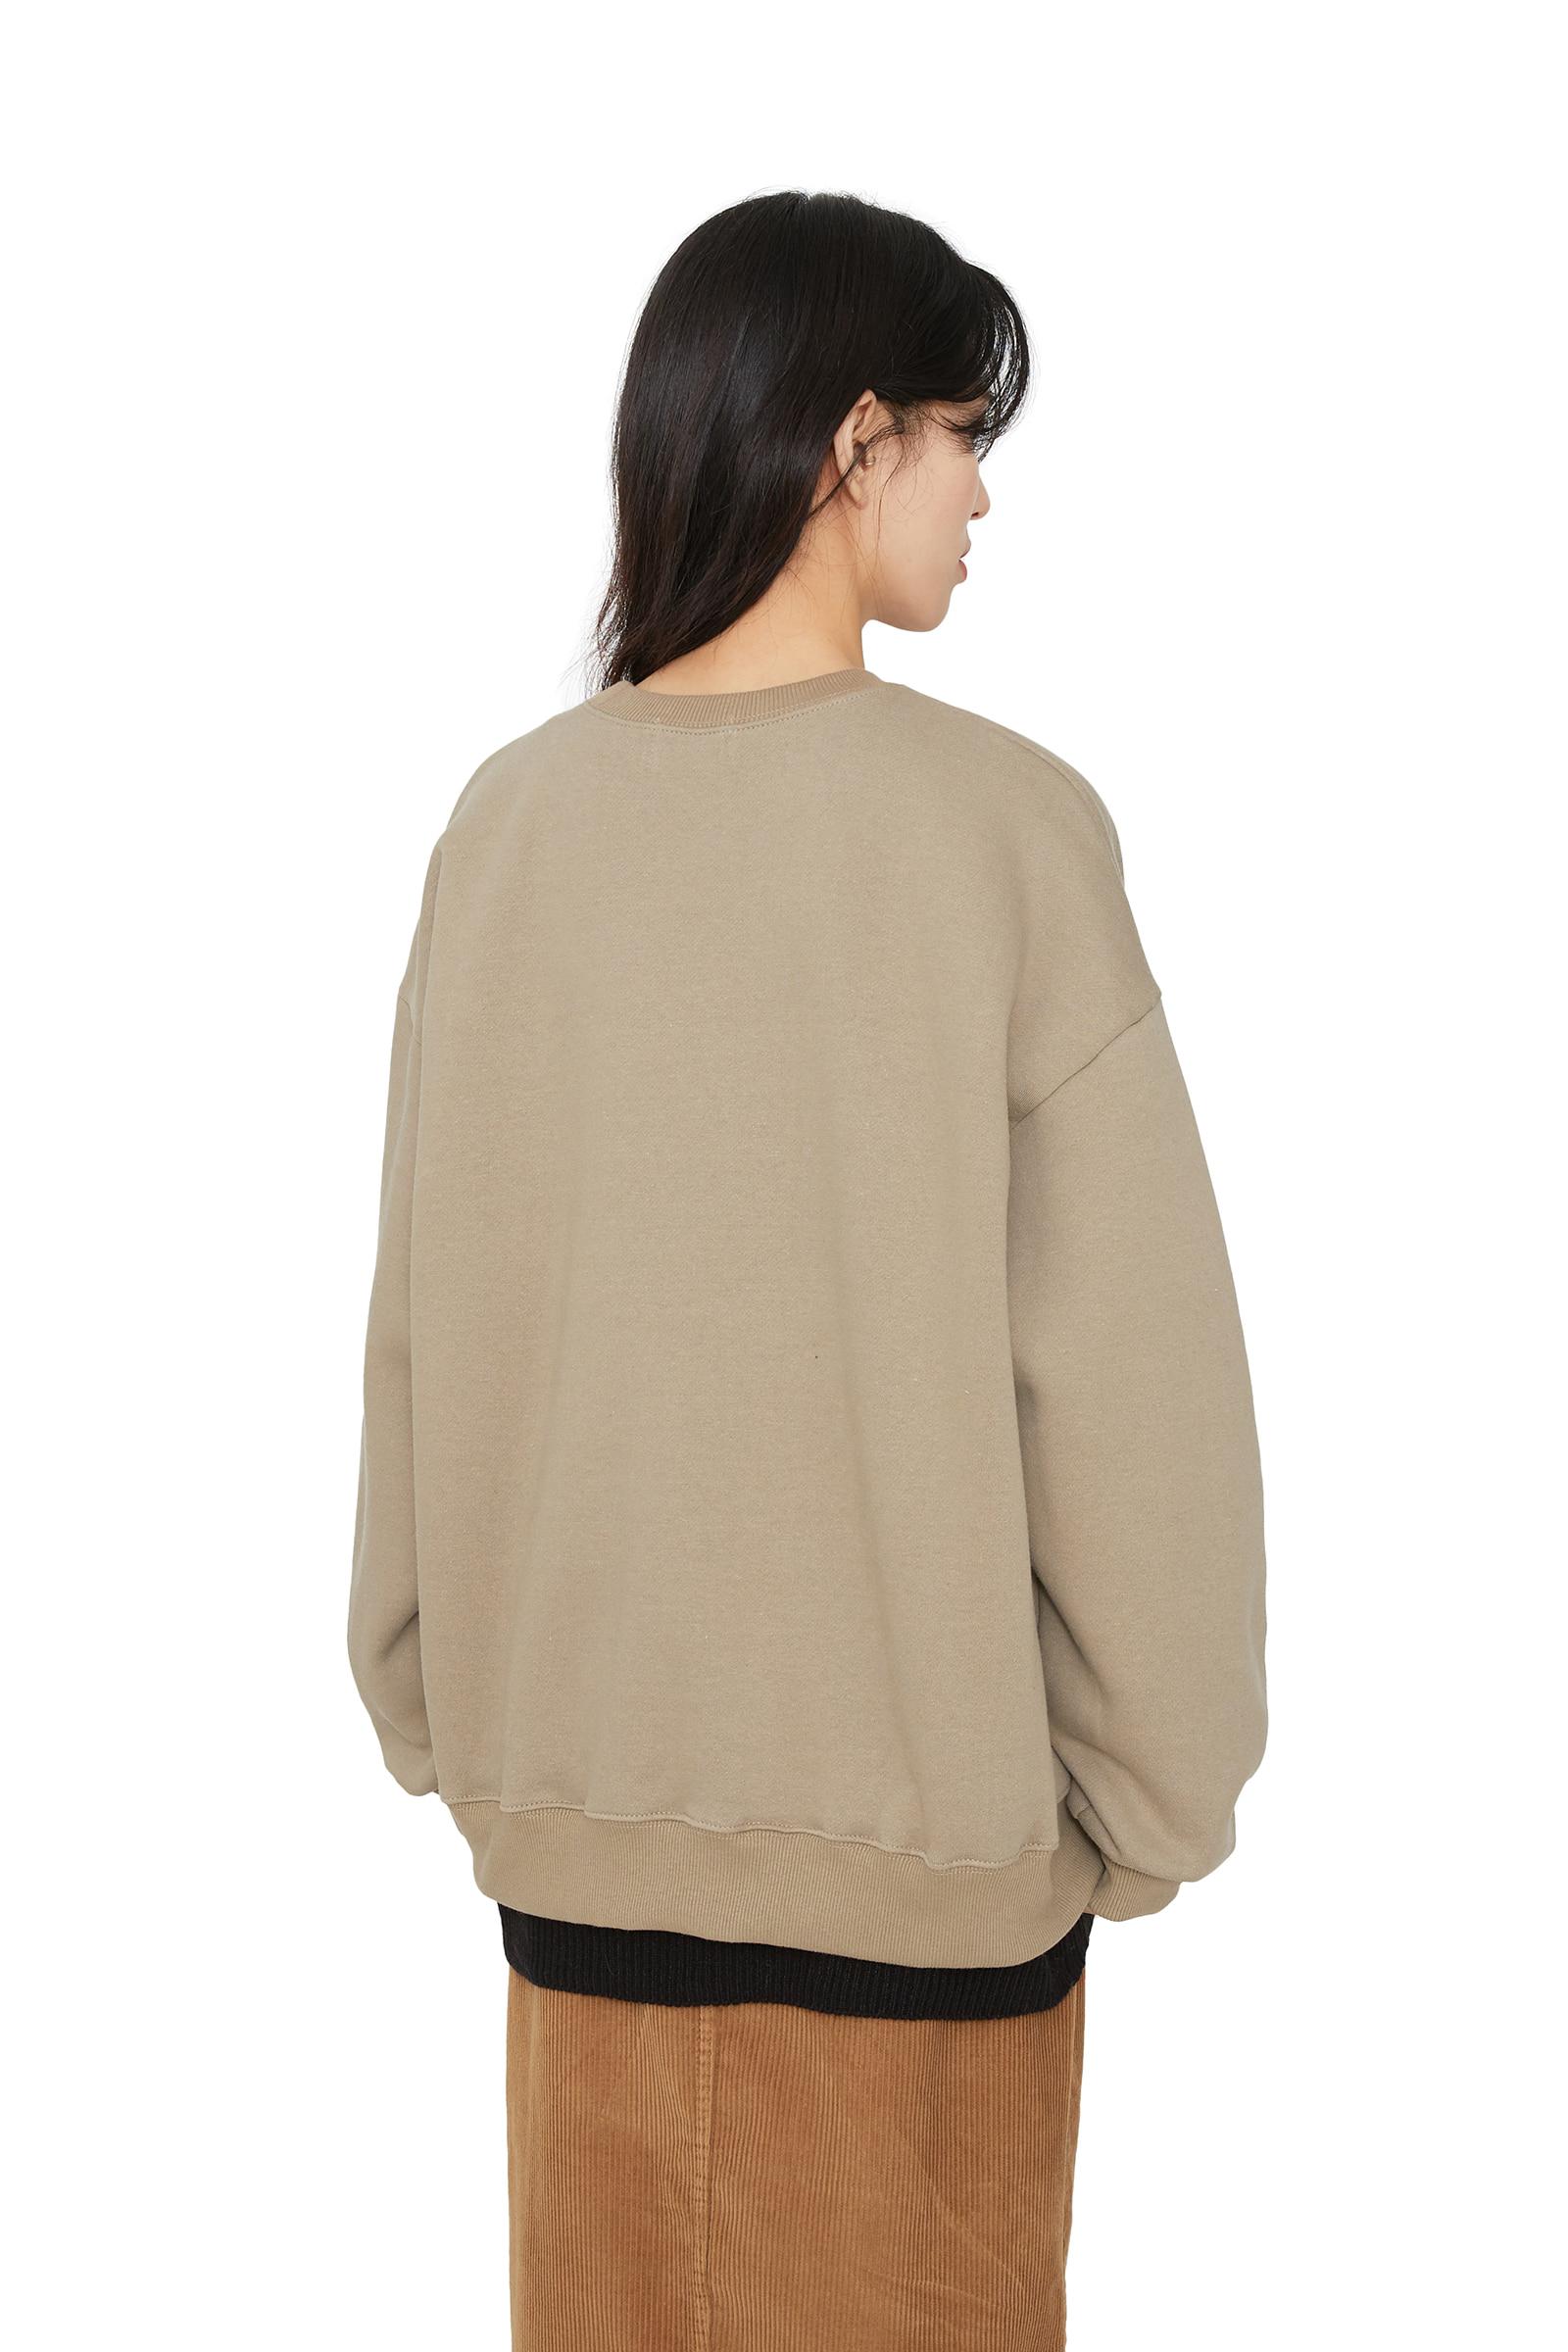 Carbage brushed crew neck sweatshirt